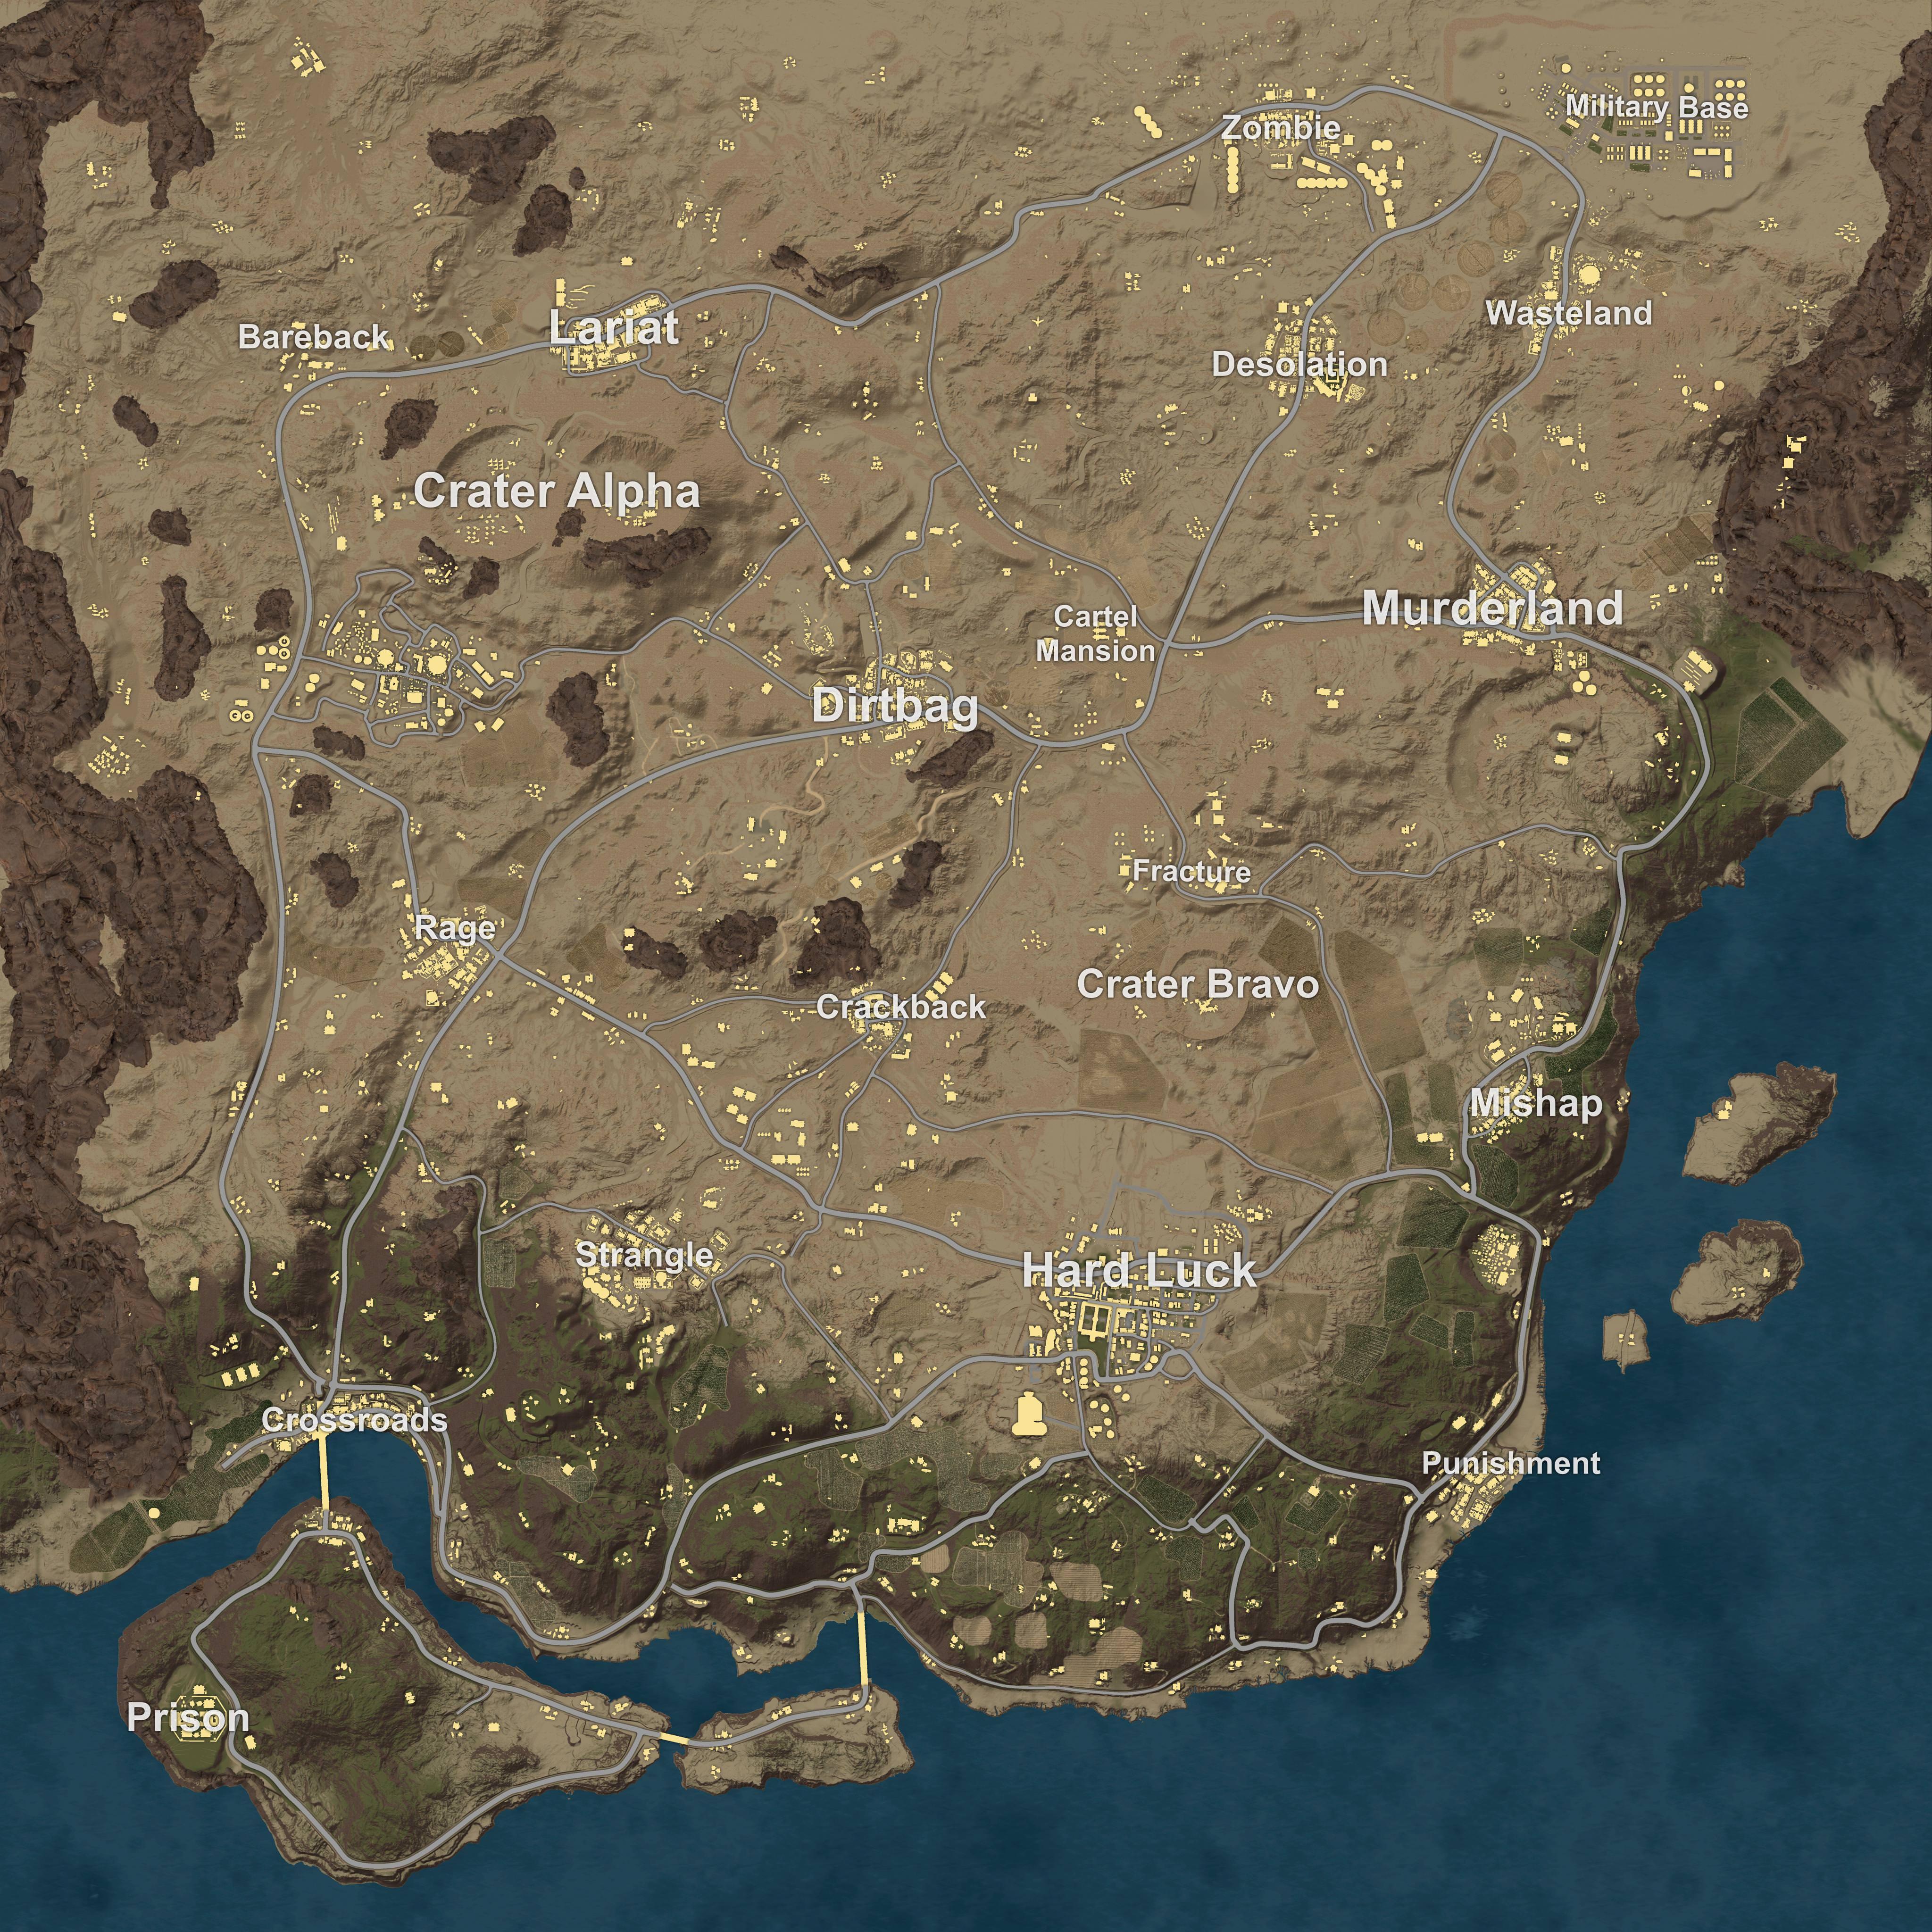 PUBG mapa desierto